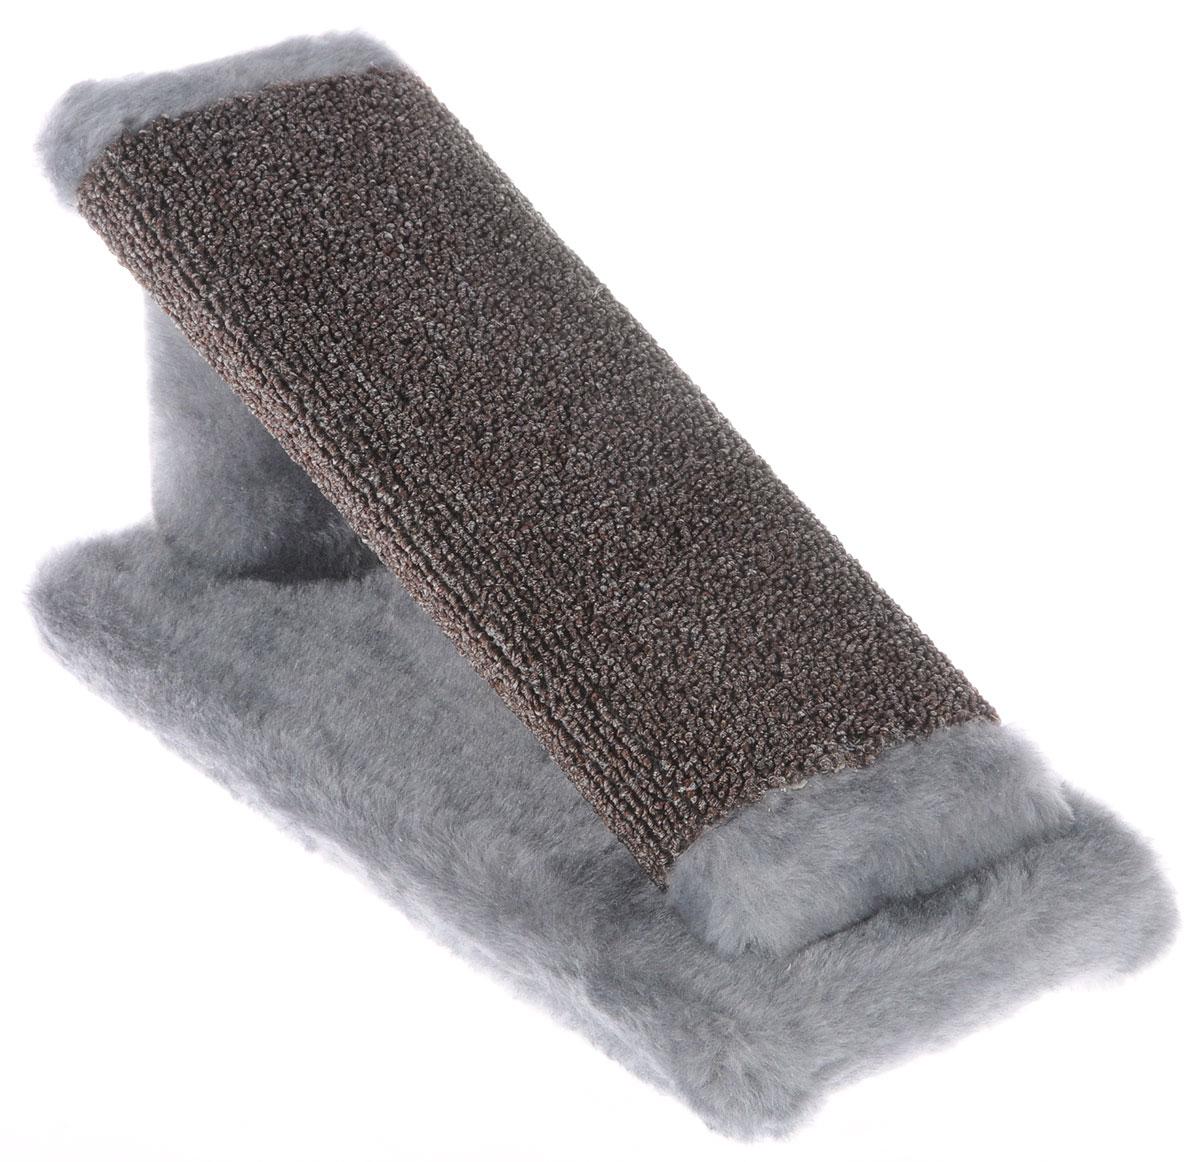 Когтеточка для котят Меридиан Горка, цвет: светло-серый, коричневый, 29 х 14 х 14 см0120710Когтеточка Меридиан Горка предназначена для стачивания когтей вашего котенка и предотвращения их врастания. Она выполнена из ДВП, ДСП и искусственного меха. Точатся когти о накладку из ковролина. Когтеточка позволяет сохранить неповрежденными мебель и другие предметы интерьера.